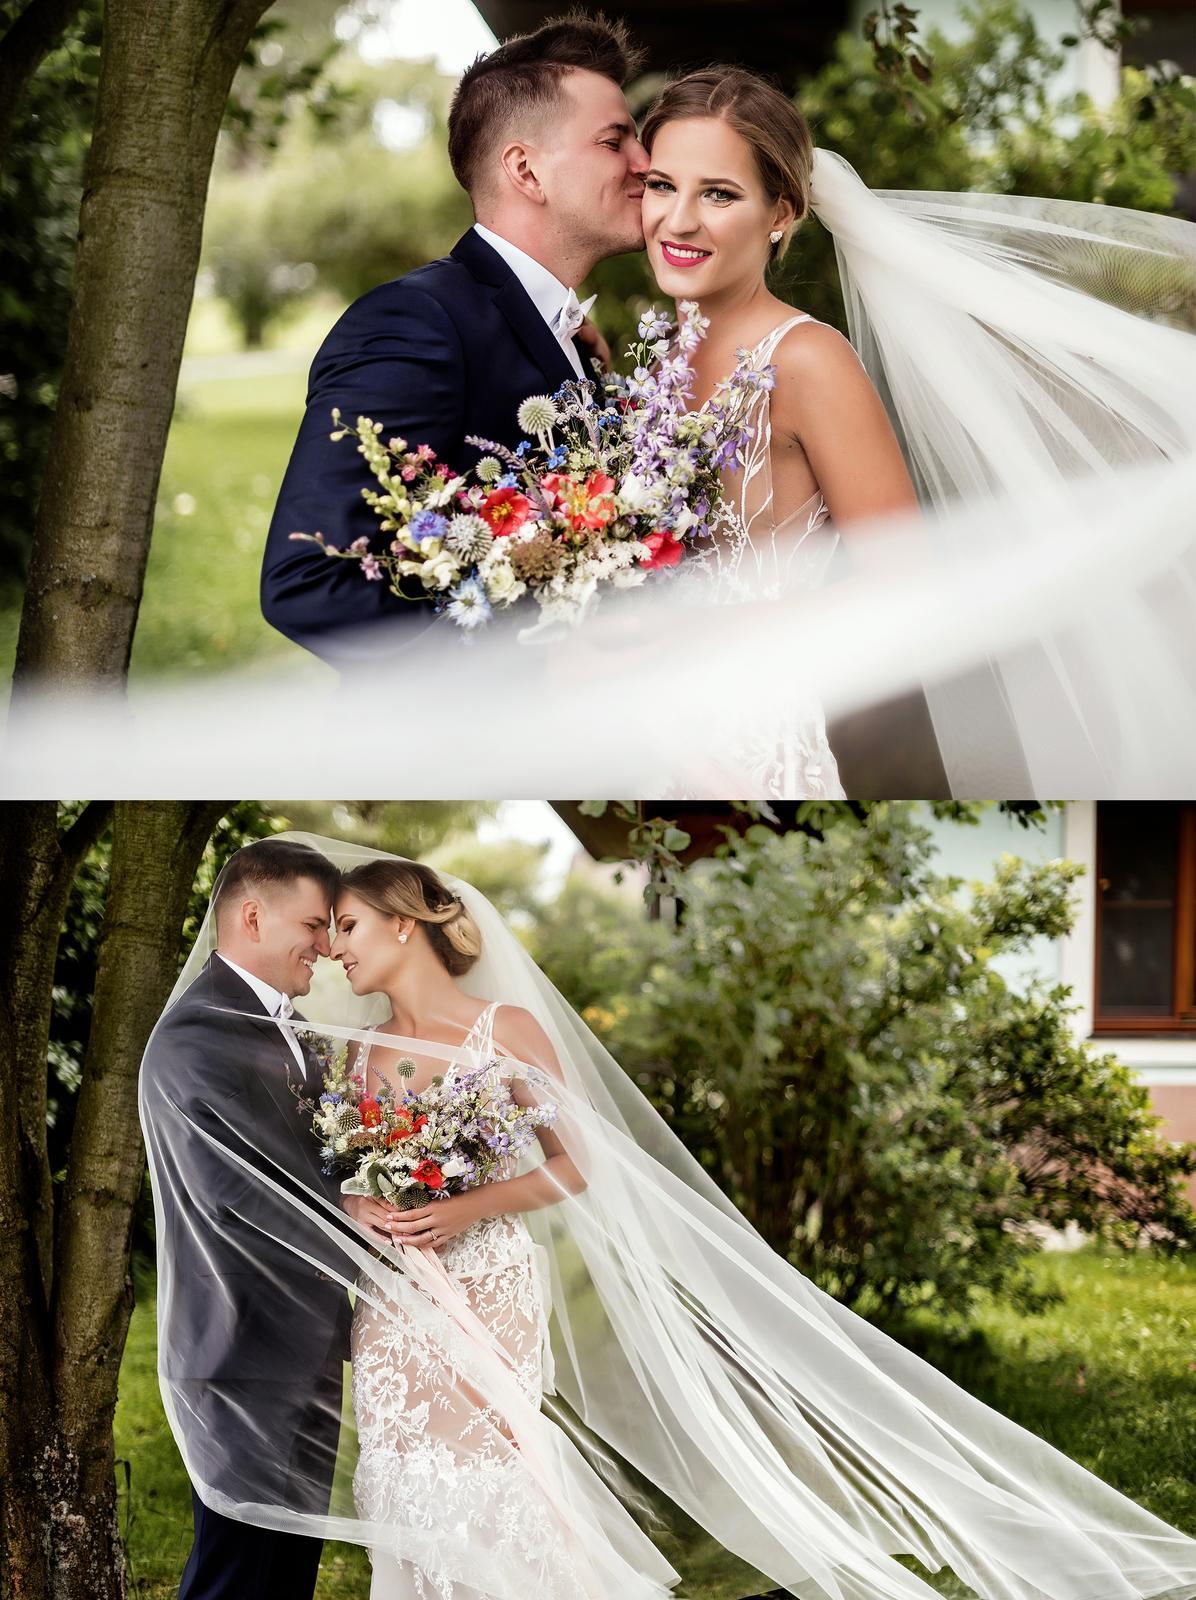 termín svadby máme voľný... - Obrázok č. 1